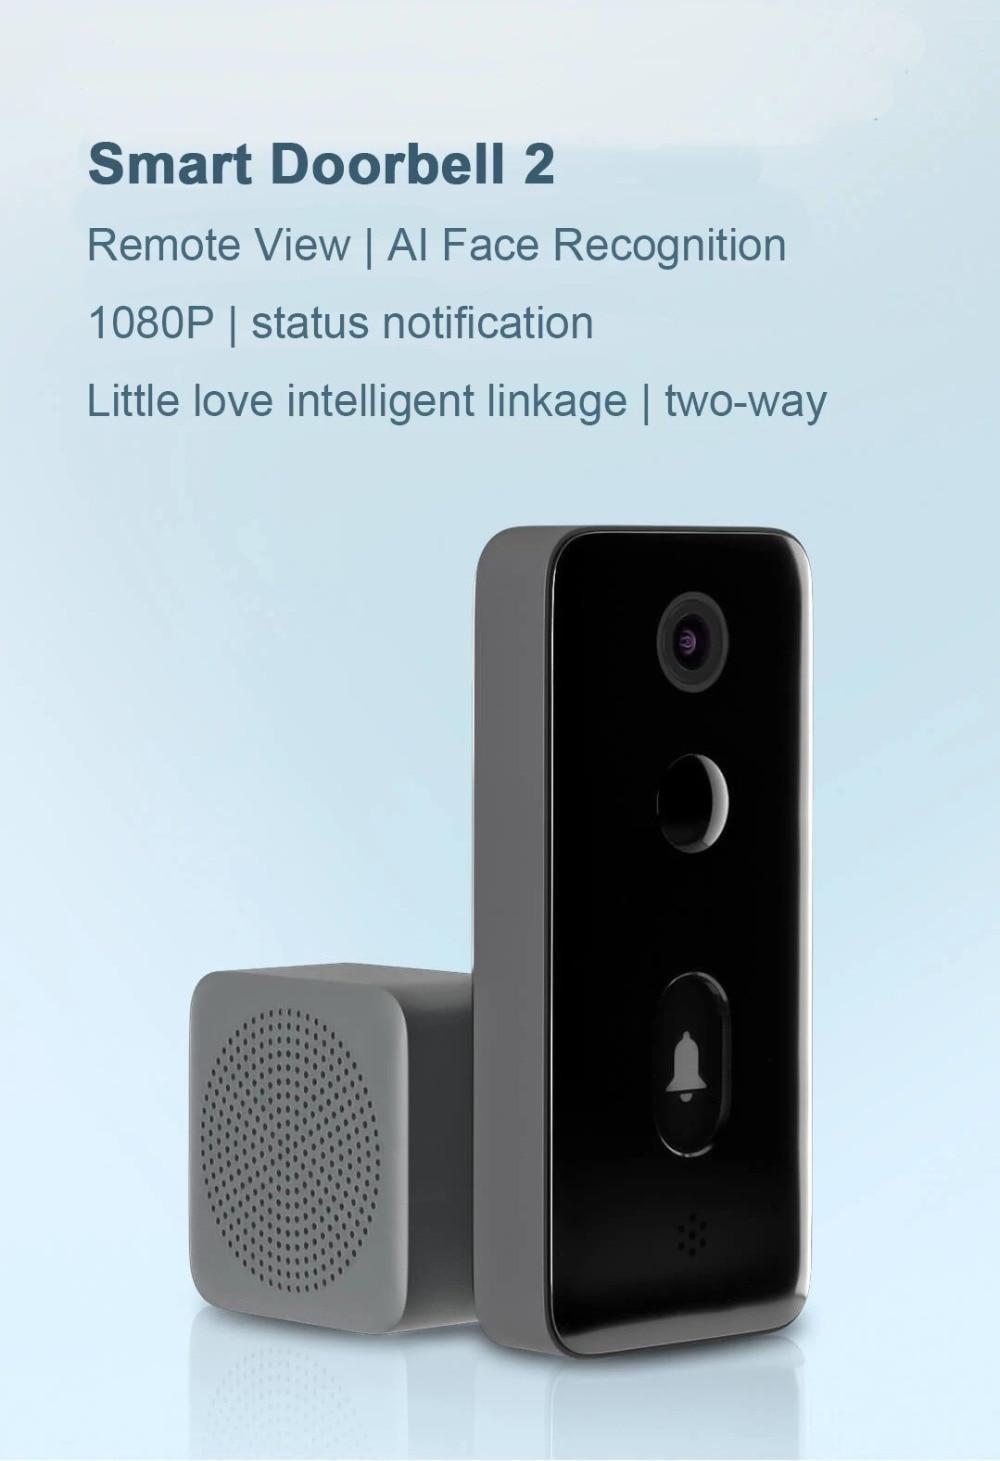 Xiaomi Mijia Smart Video Doorbell 2 Price in Bangladesh -3